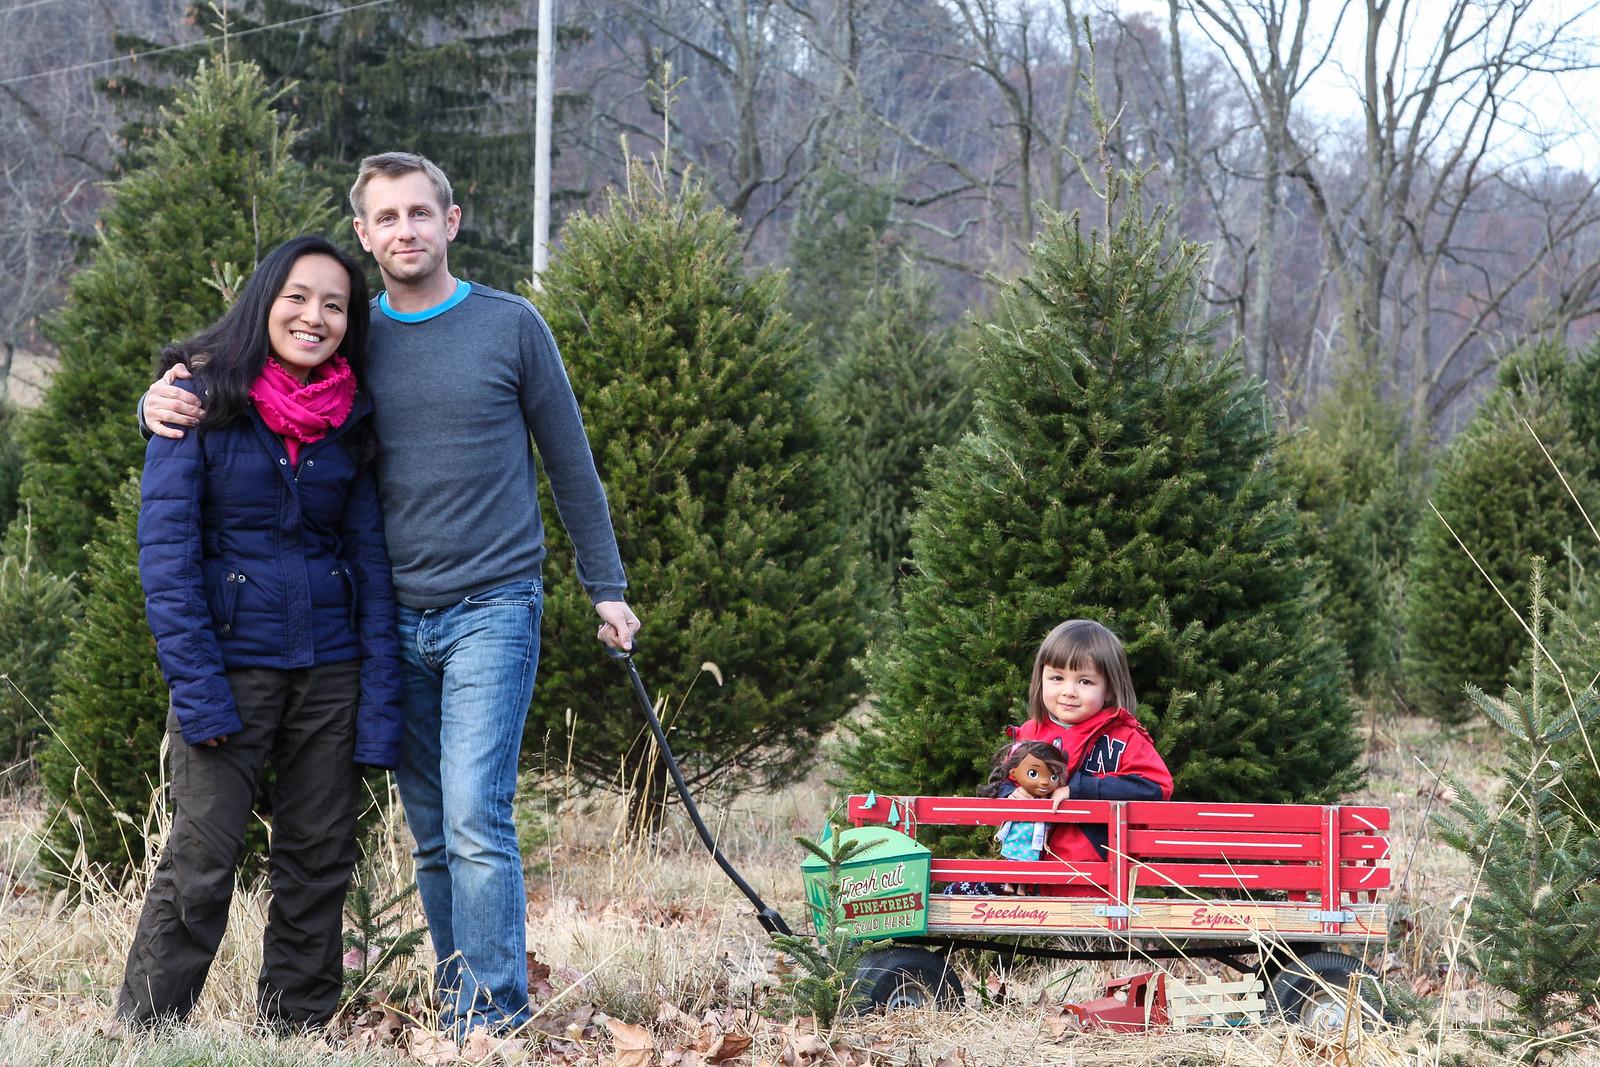 Hall Family - Merry Christmas!